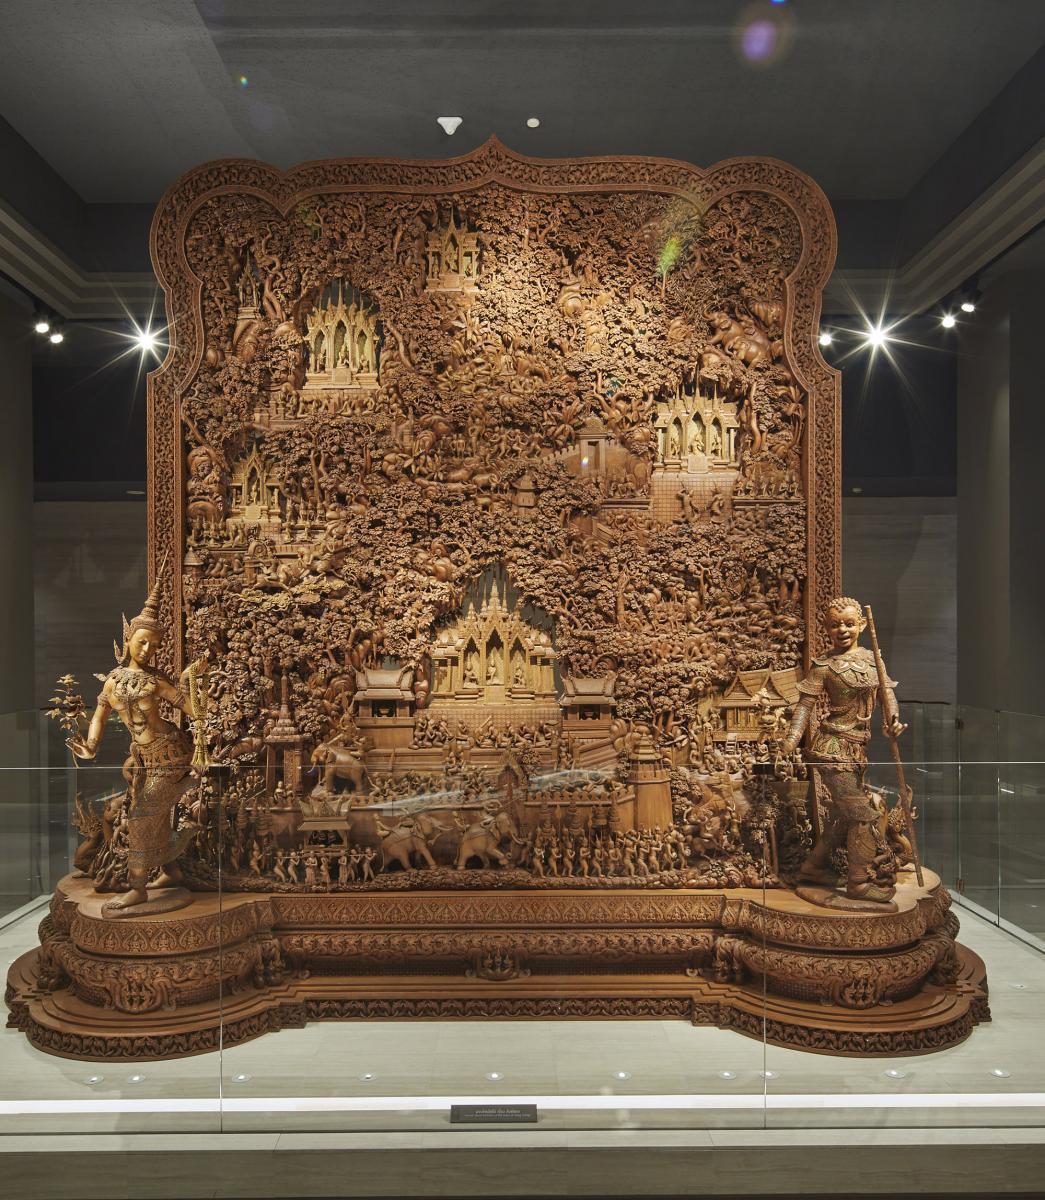 พิพิธภัณฑ์ศิลป์แผ่นดิน จ.พระนครศรีอยุธยา พร้อมเปิดให้เข้าชมผลงานศิลปะชิ้นเอกทรงคุณค่า ๑๖ ก.ค.นี้